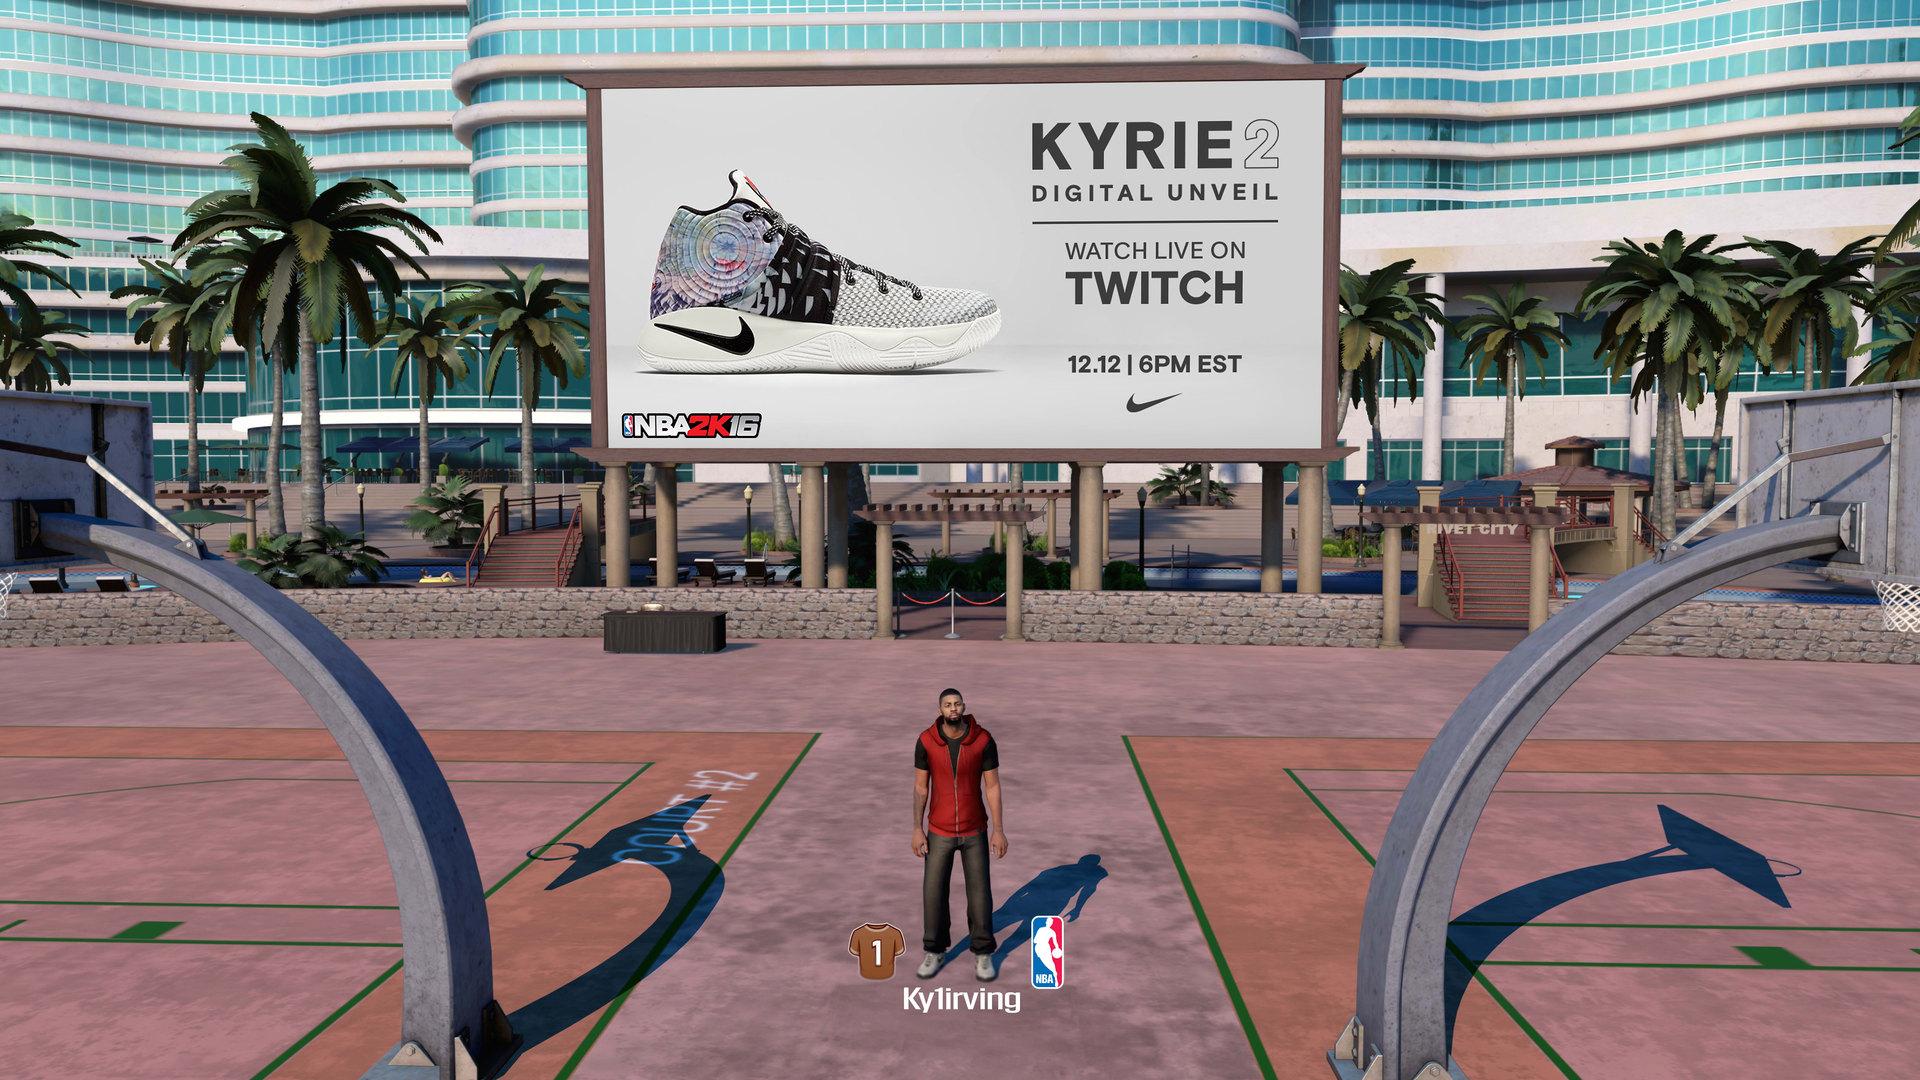 Еще в 2015 году Nike объединился с разработчиками игры «NBA 2K16» Visual Concepts и Twitch для презентации кроссовок «Kyrie 2»